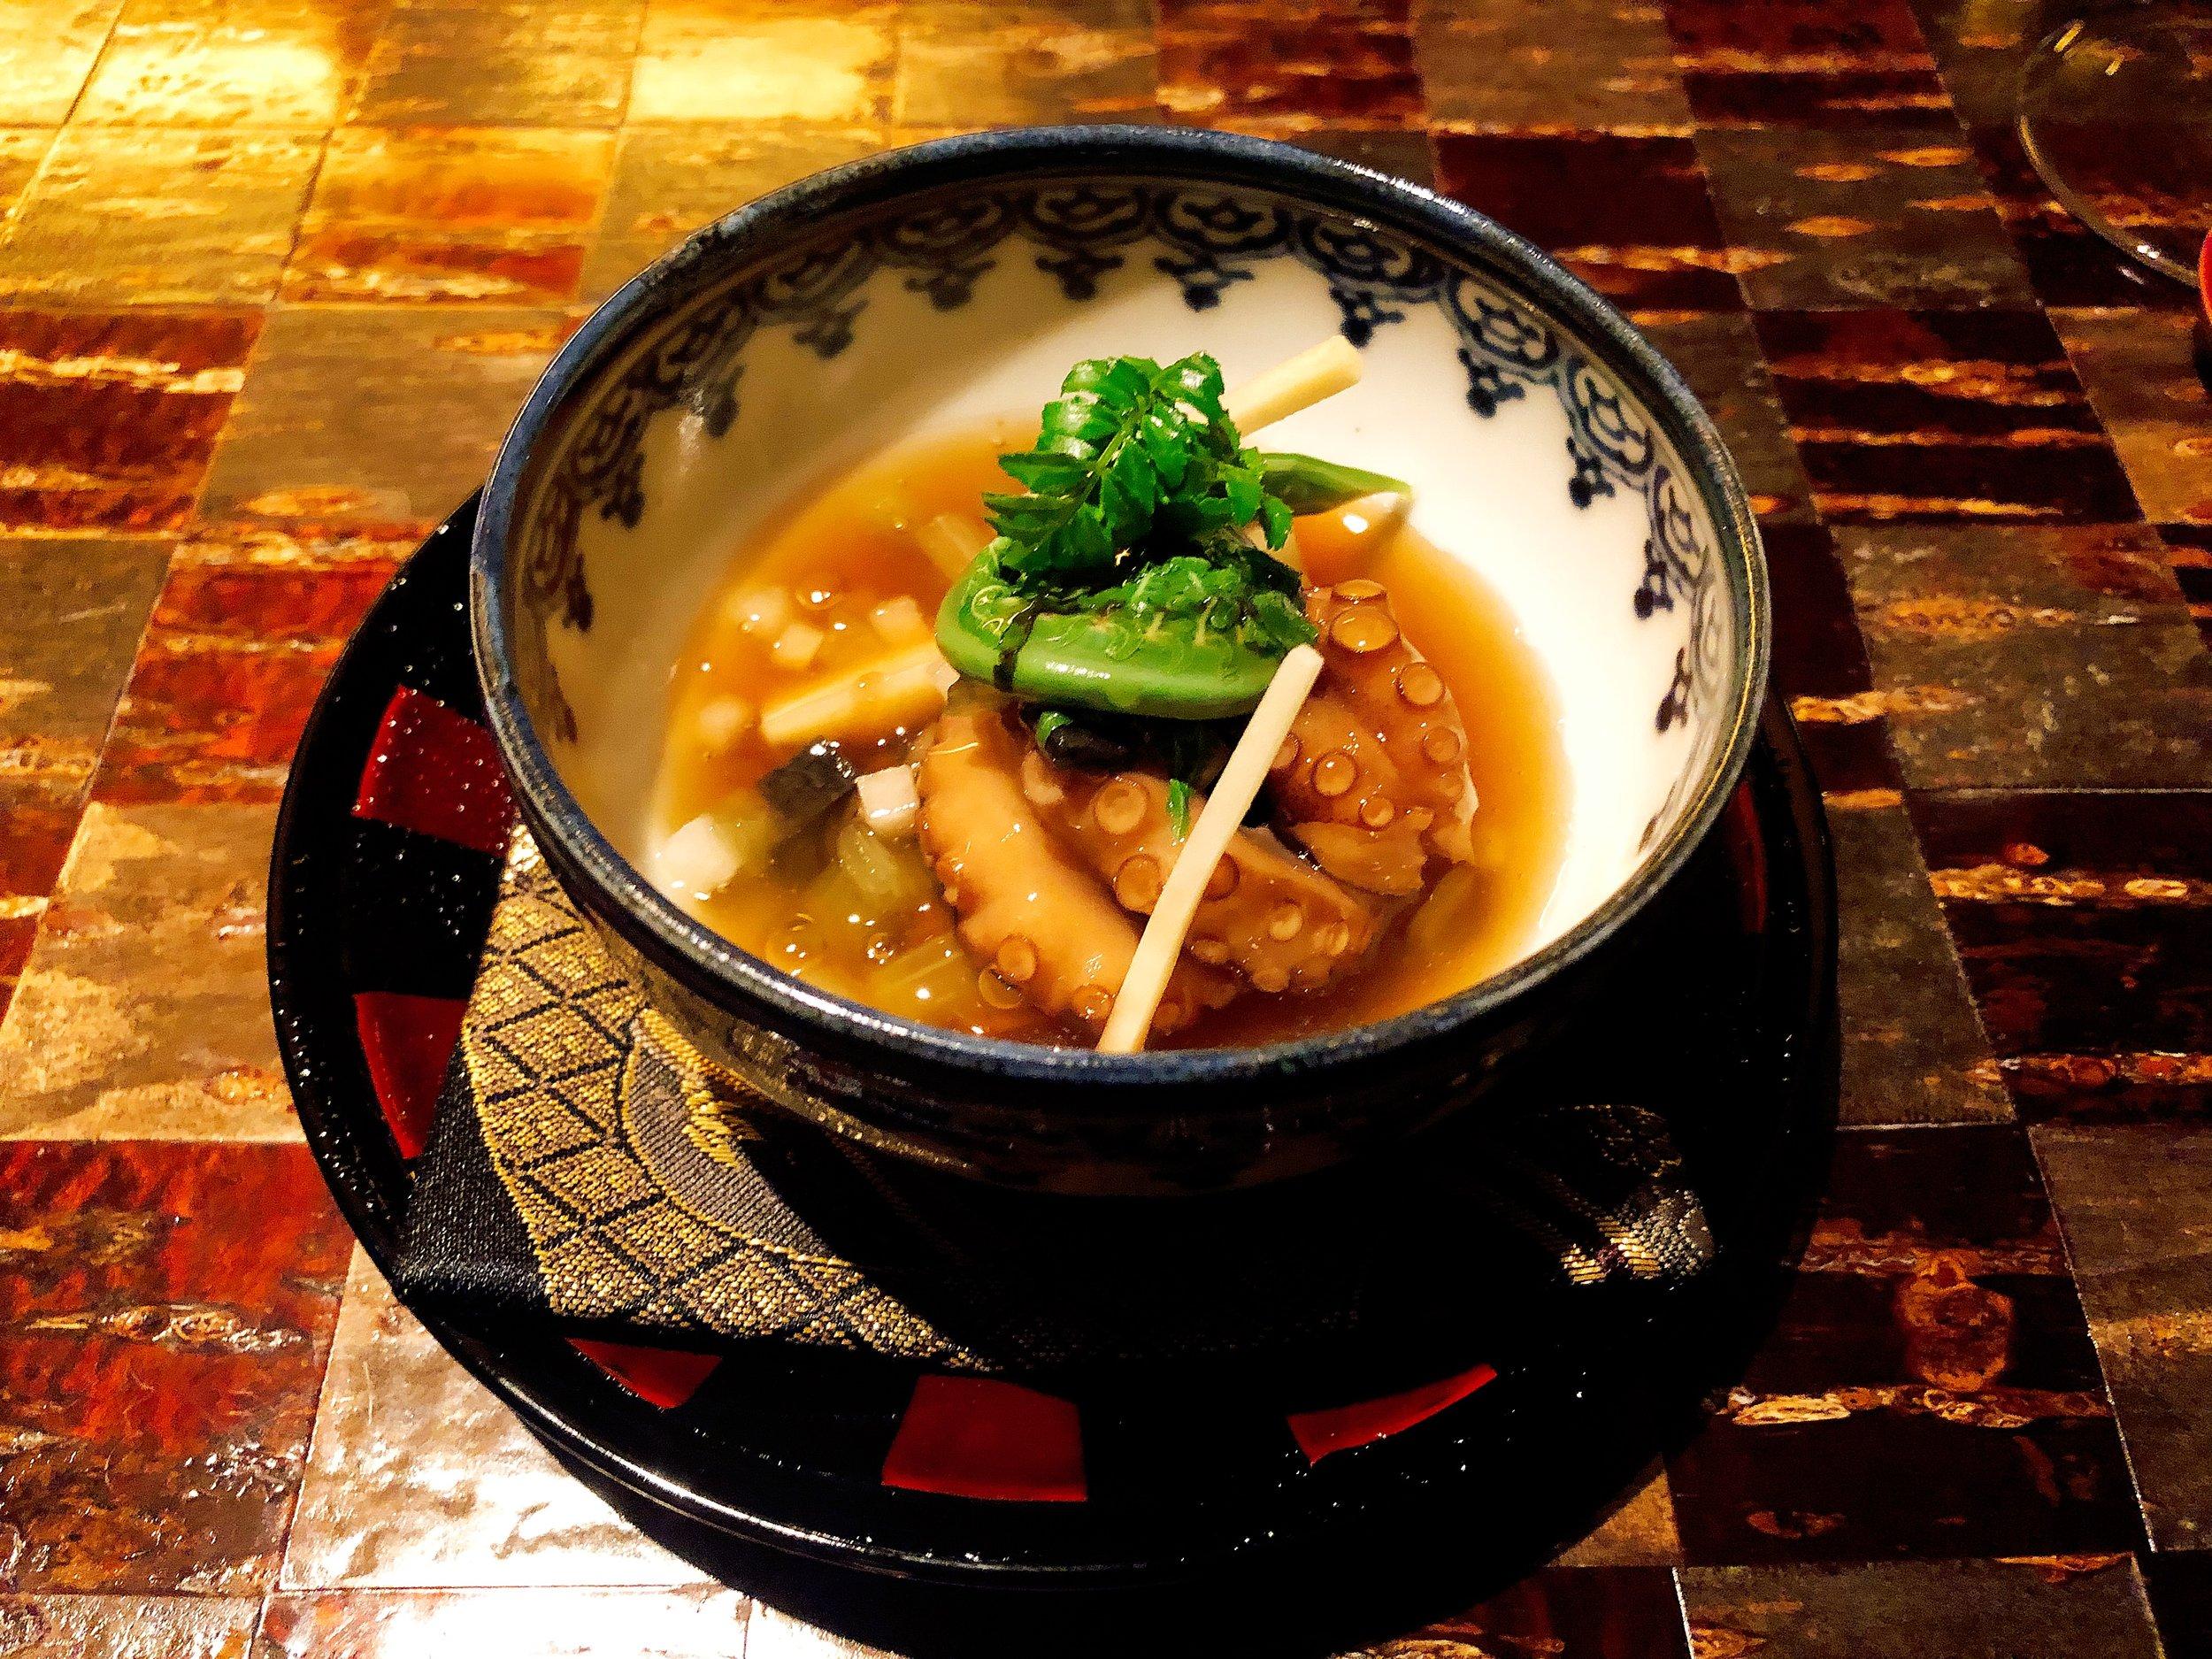 Iidako Octopus With Bamboo Shoots